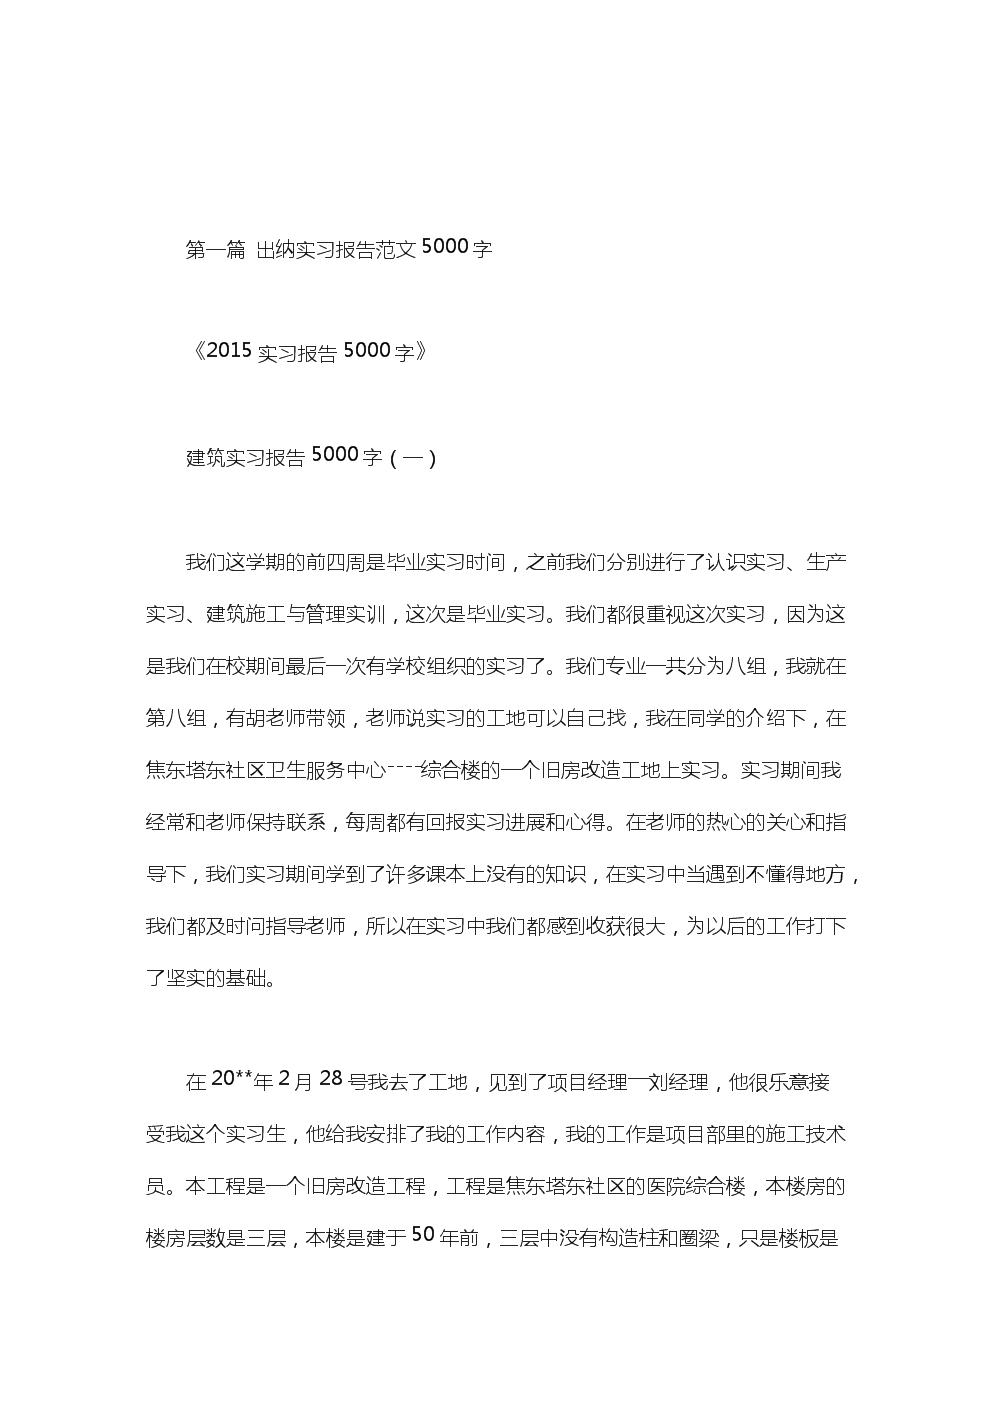 出纳实习报告范文5000字.doc